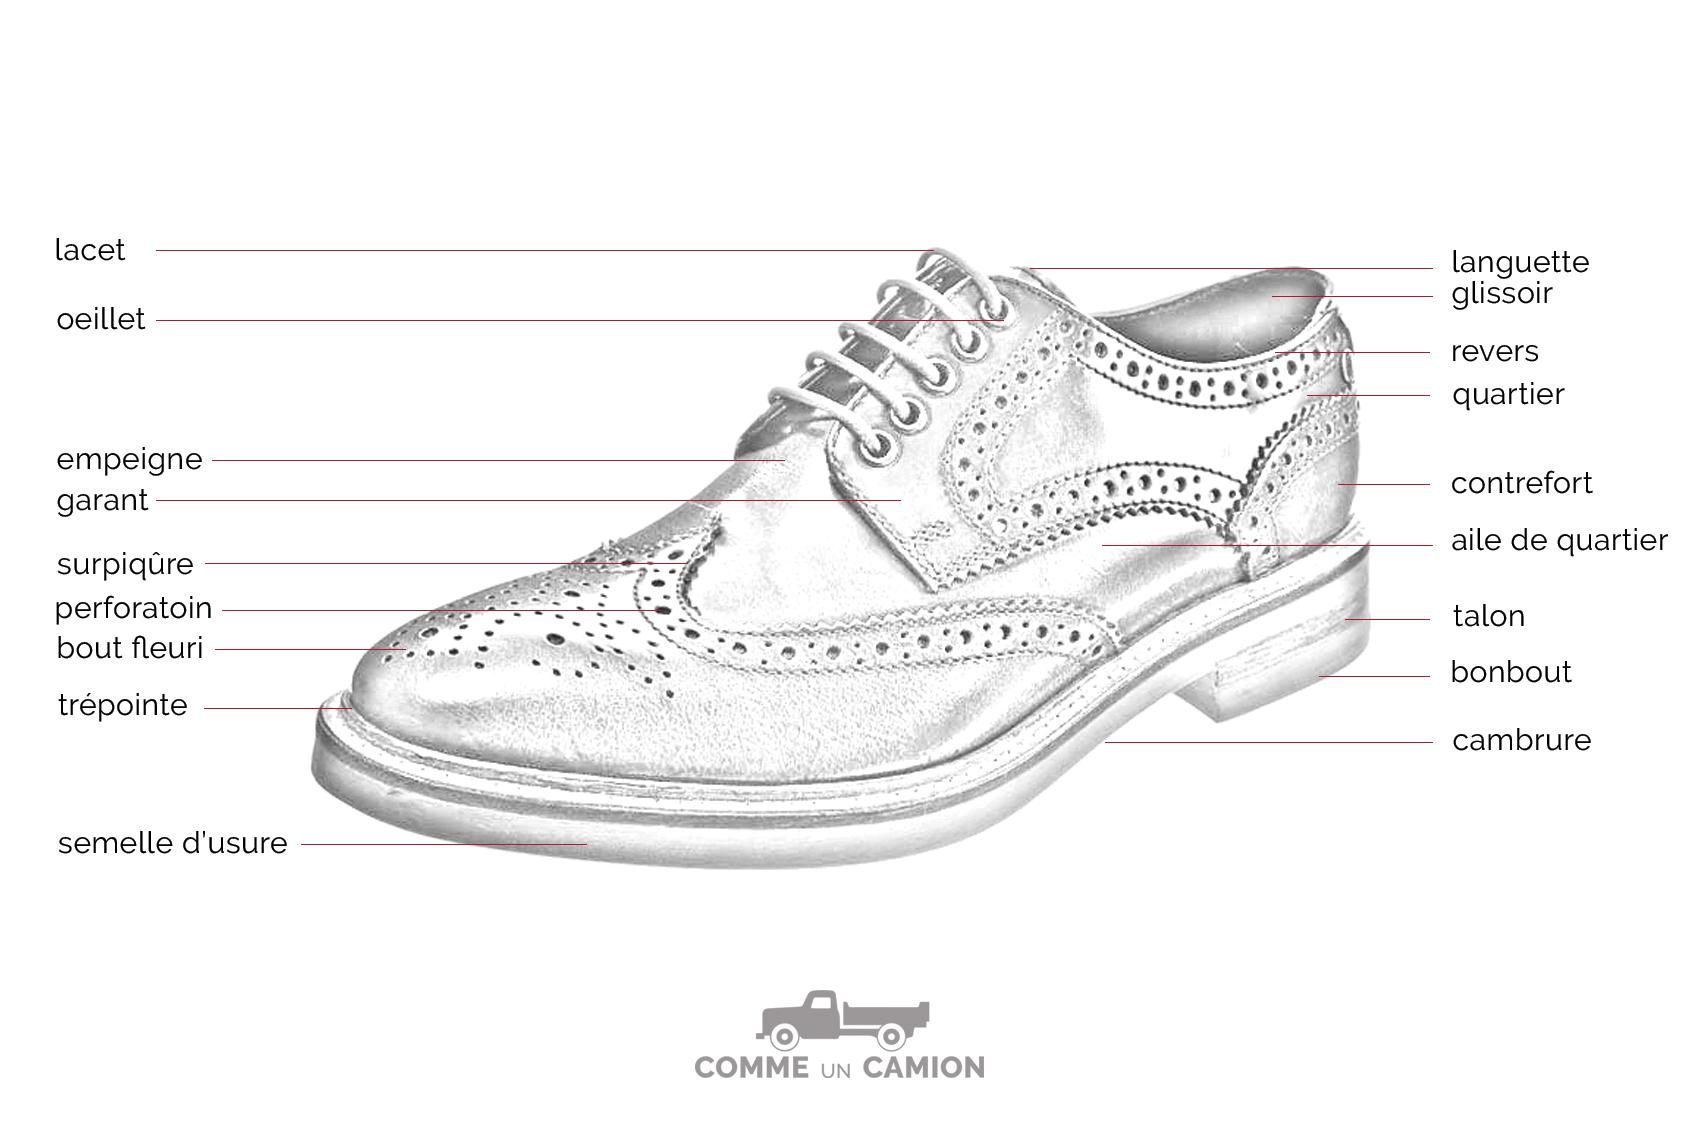 Lexique de la chaussure les termes importants